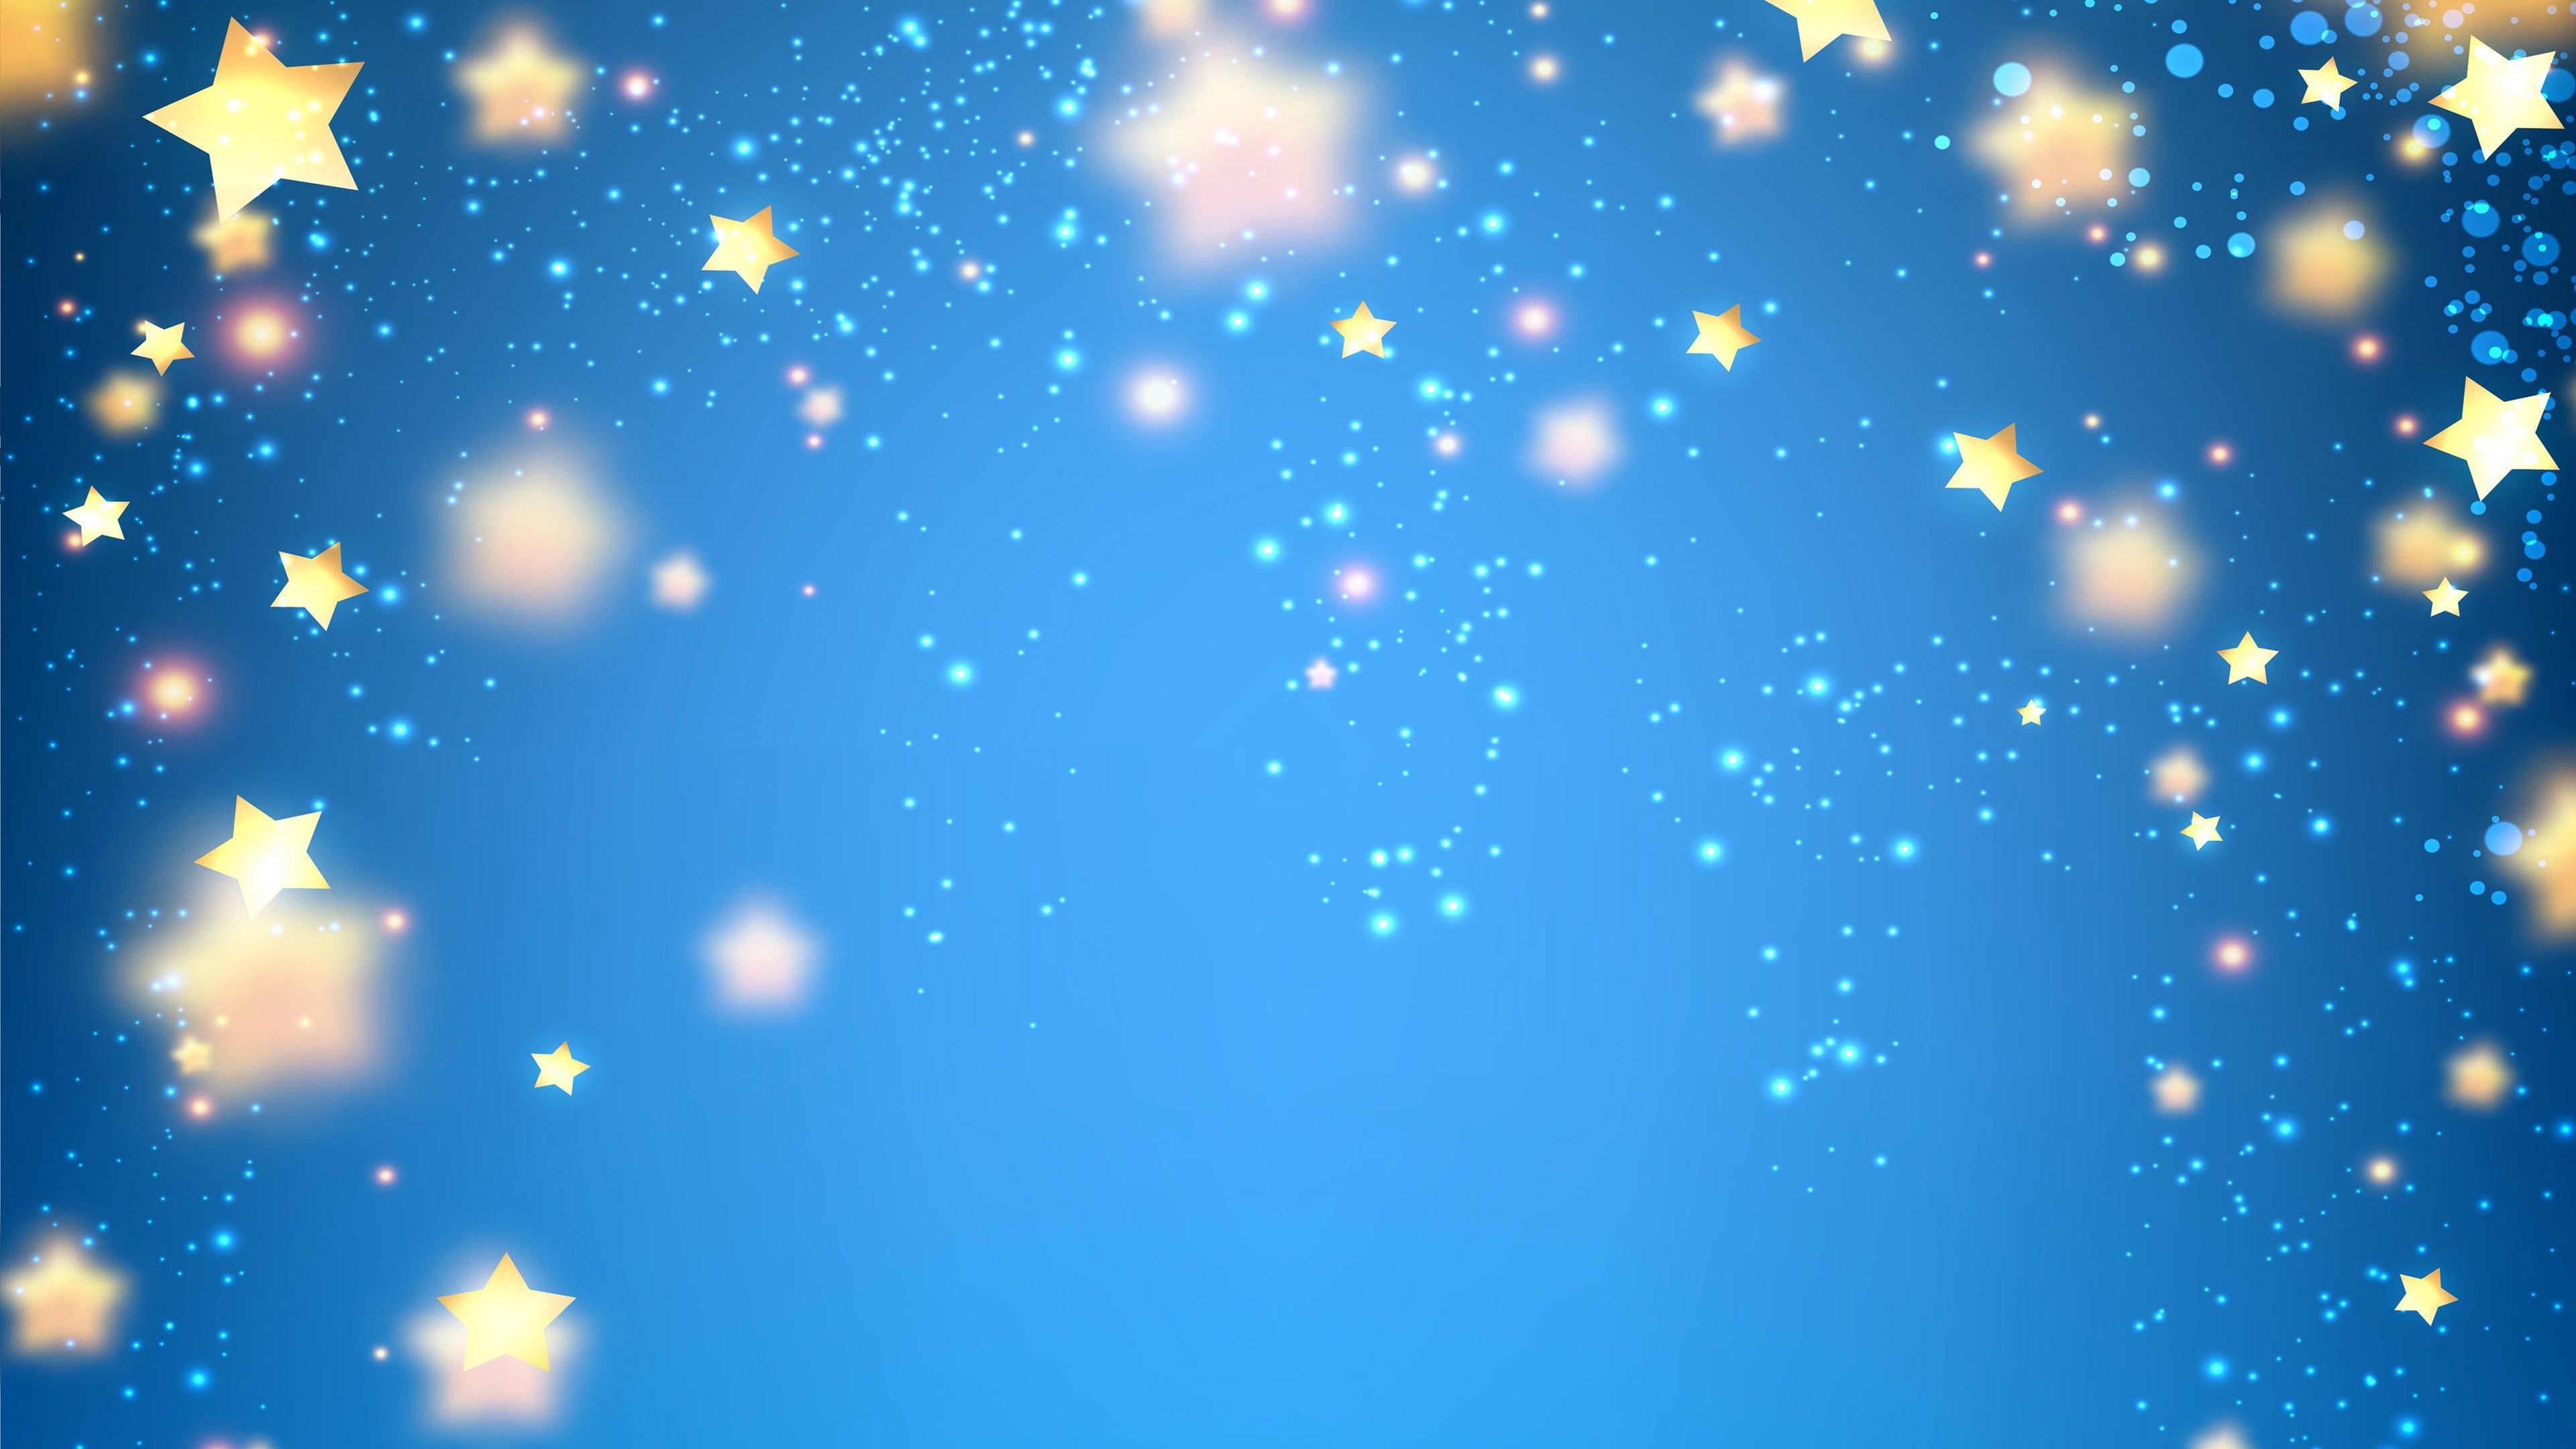 Hình nền ngôi sao may mắn